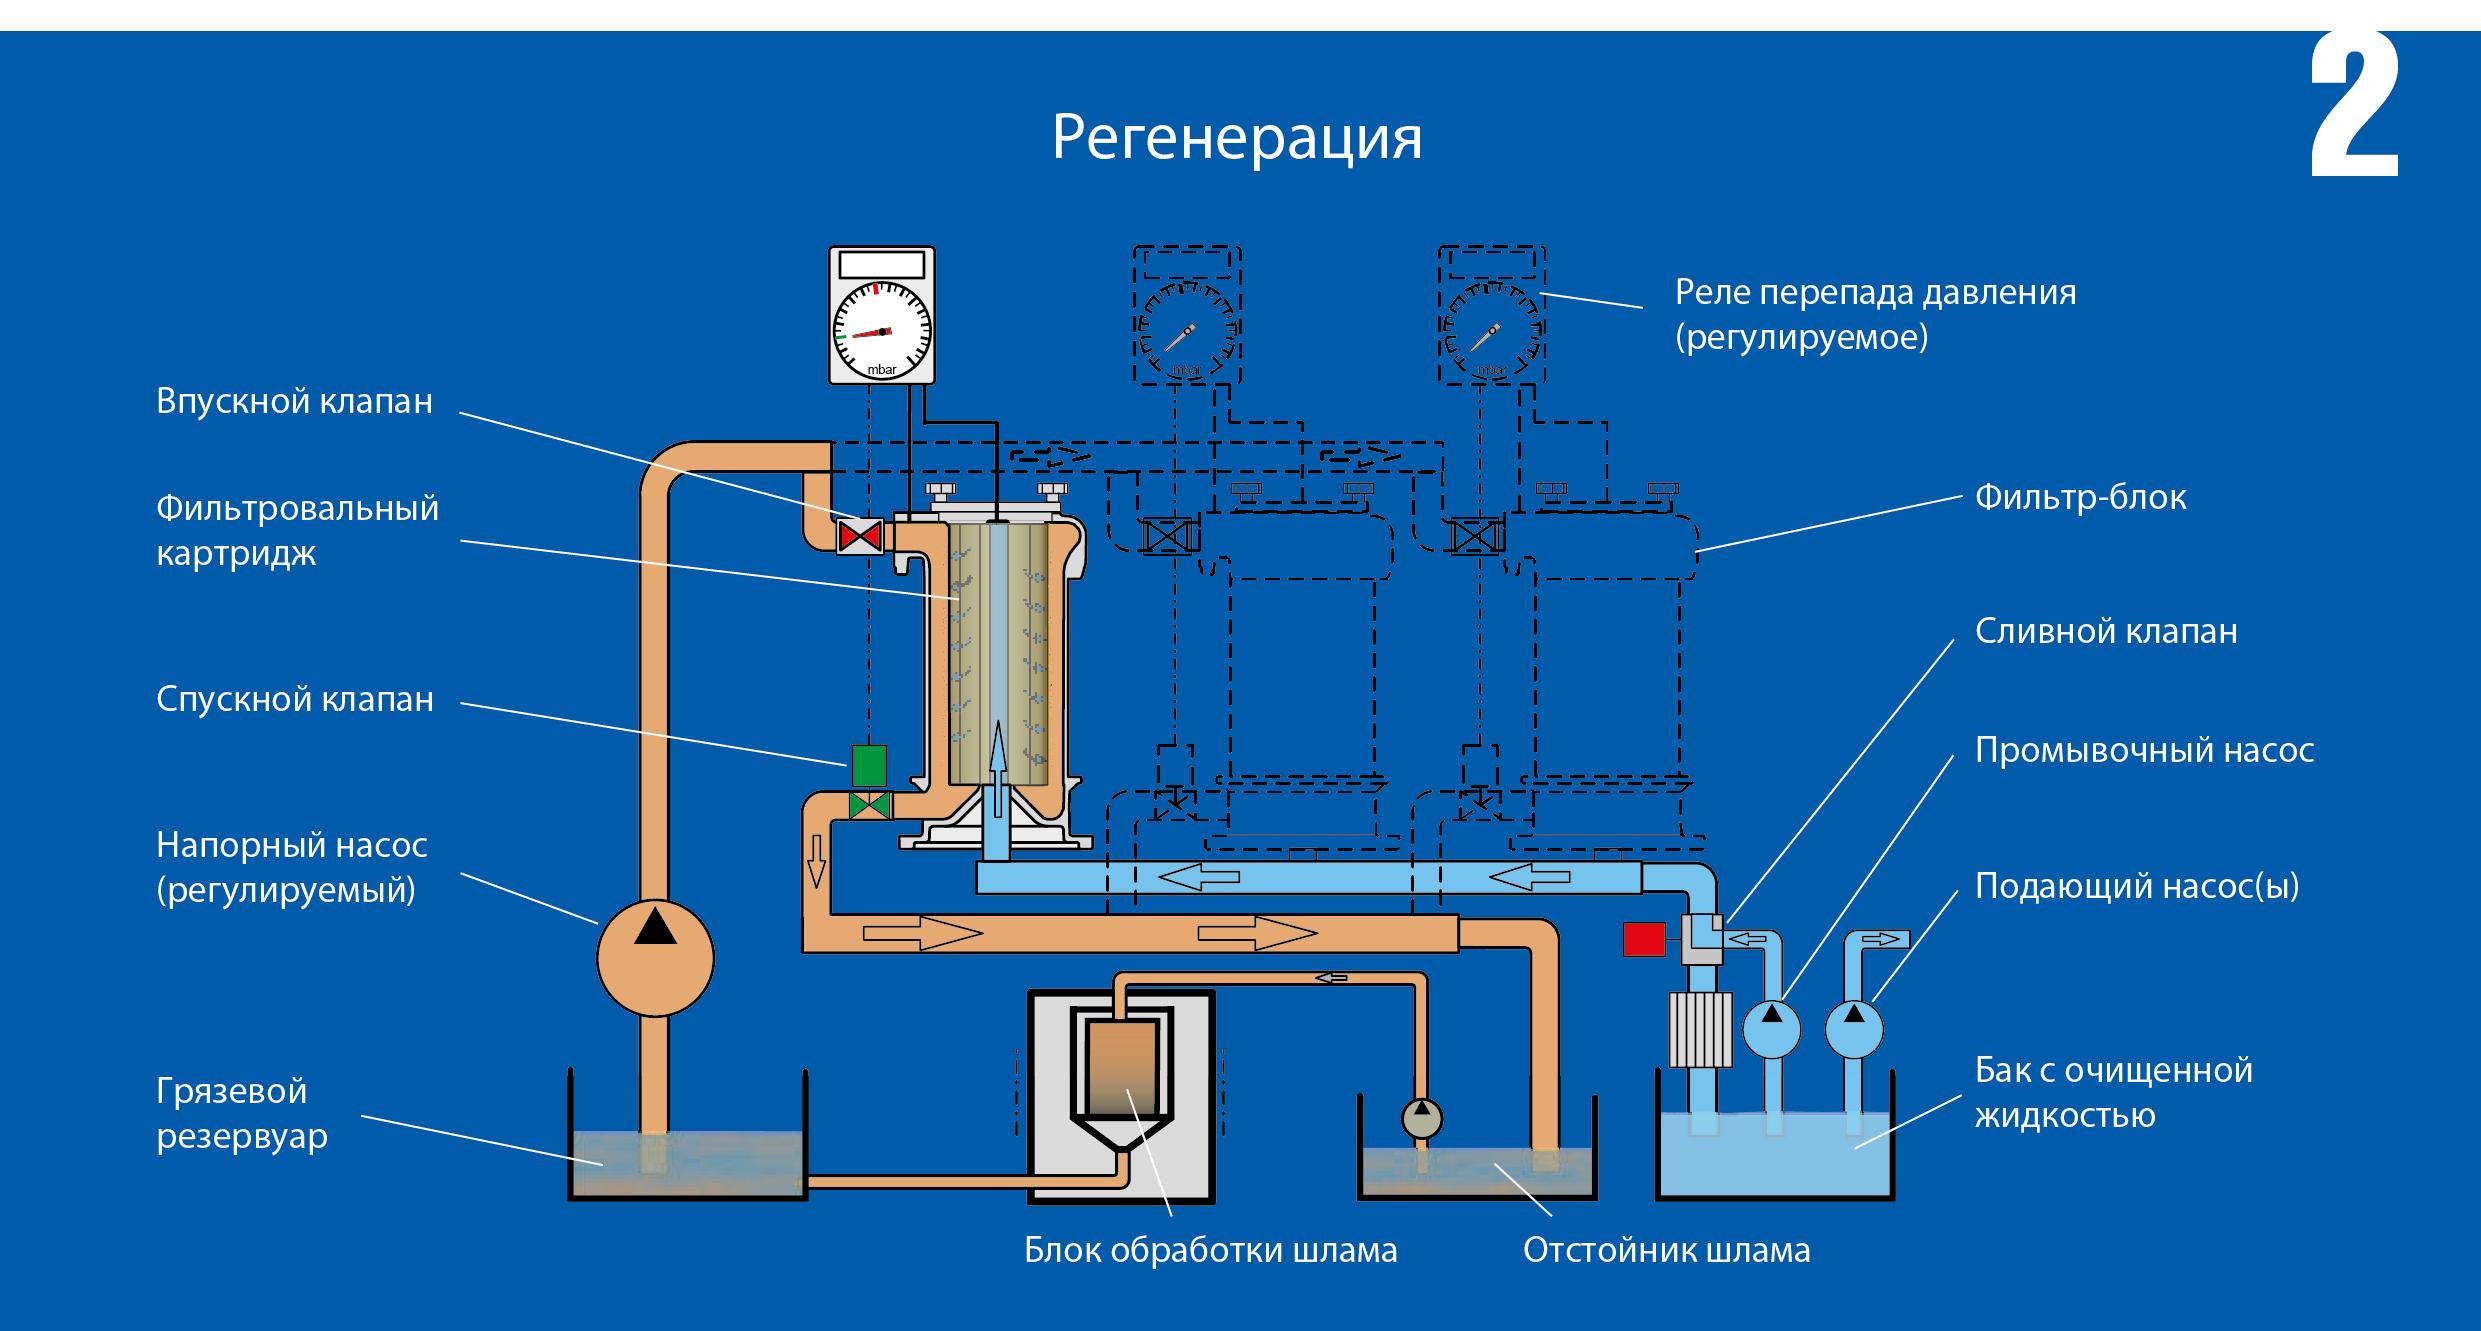 Принцип работы фильтра сверхтонкой очистки